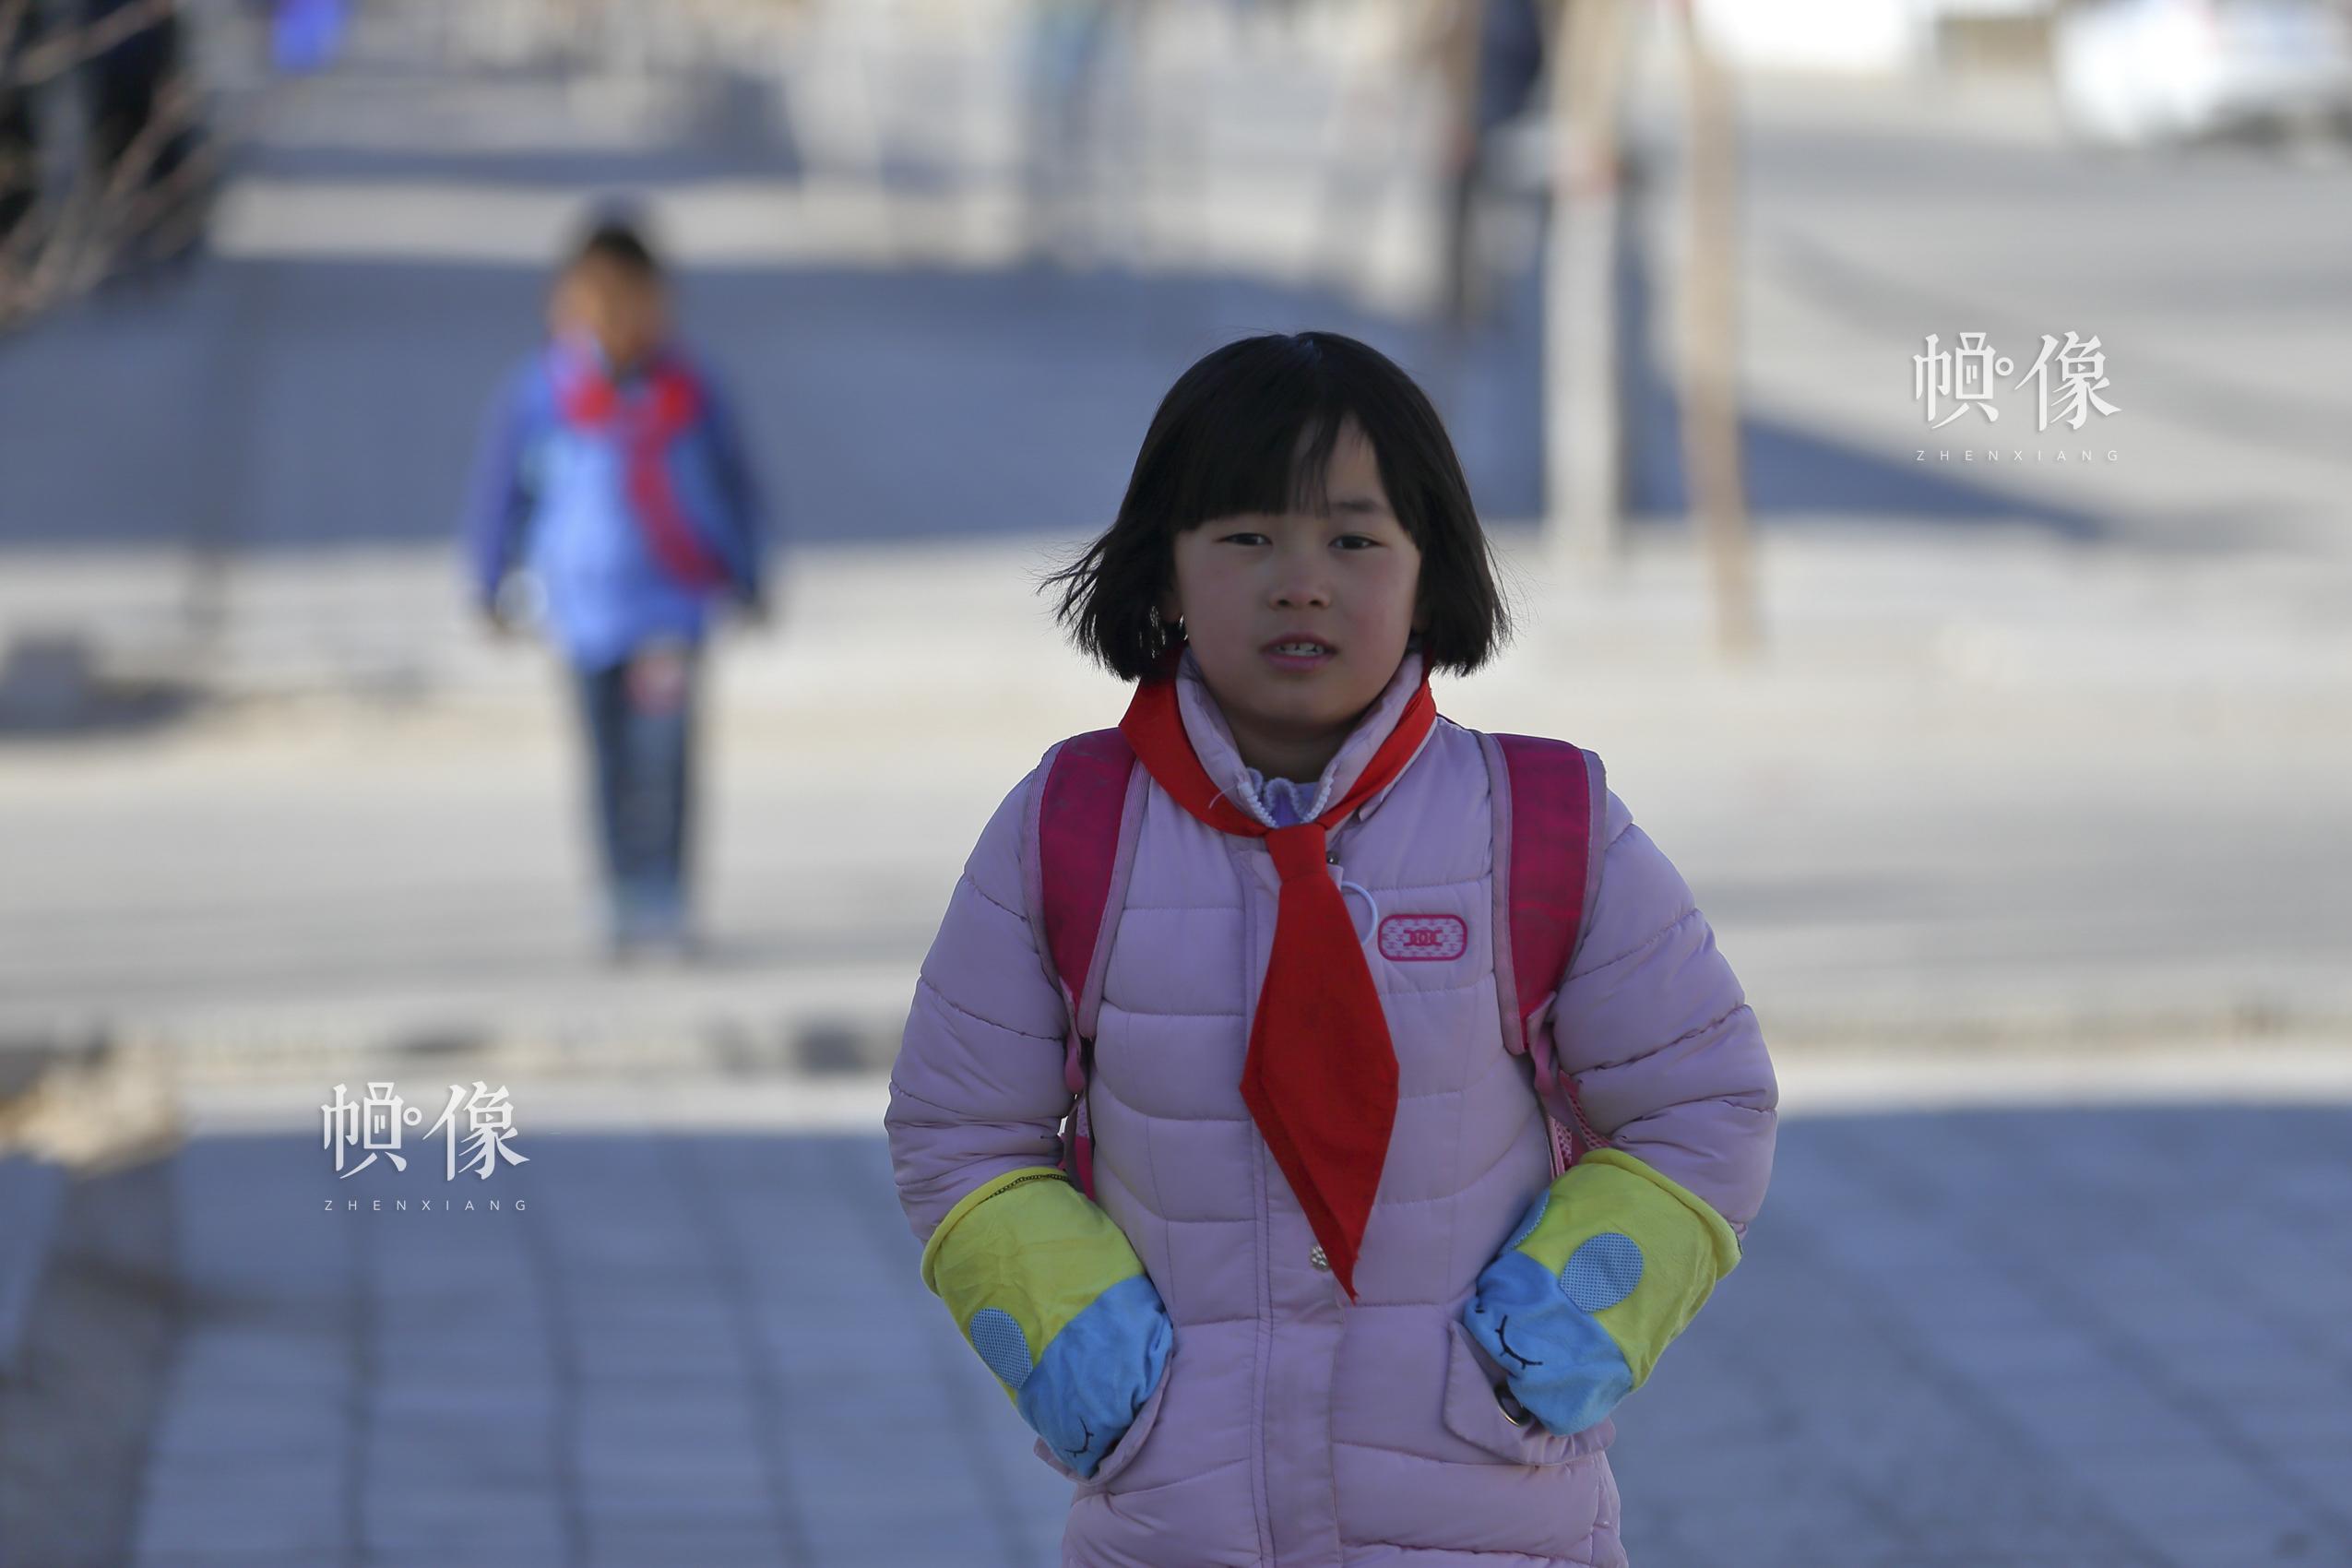 马蓉的家离学校不远,大约走五分钟。中国网记者 陈维松 摄